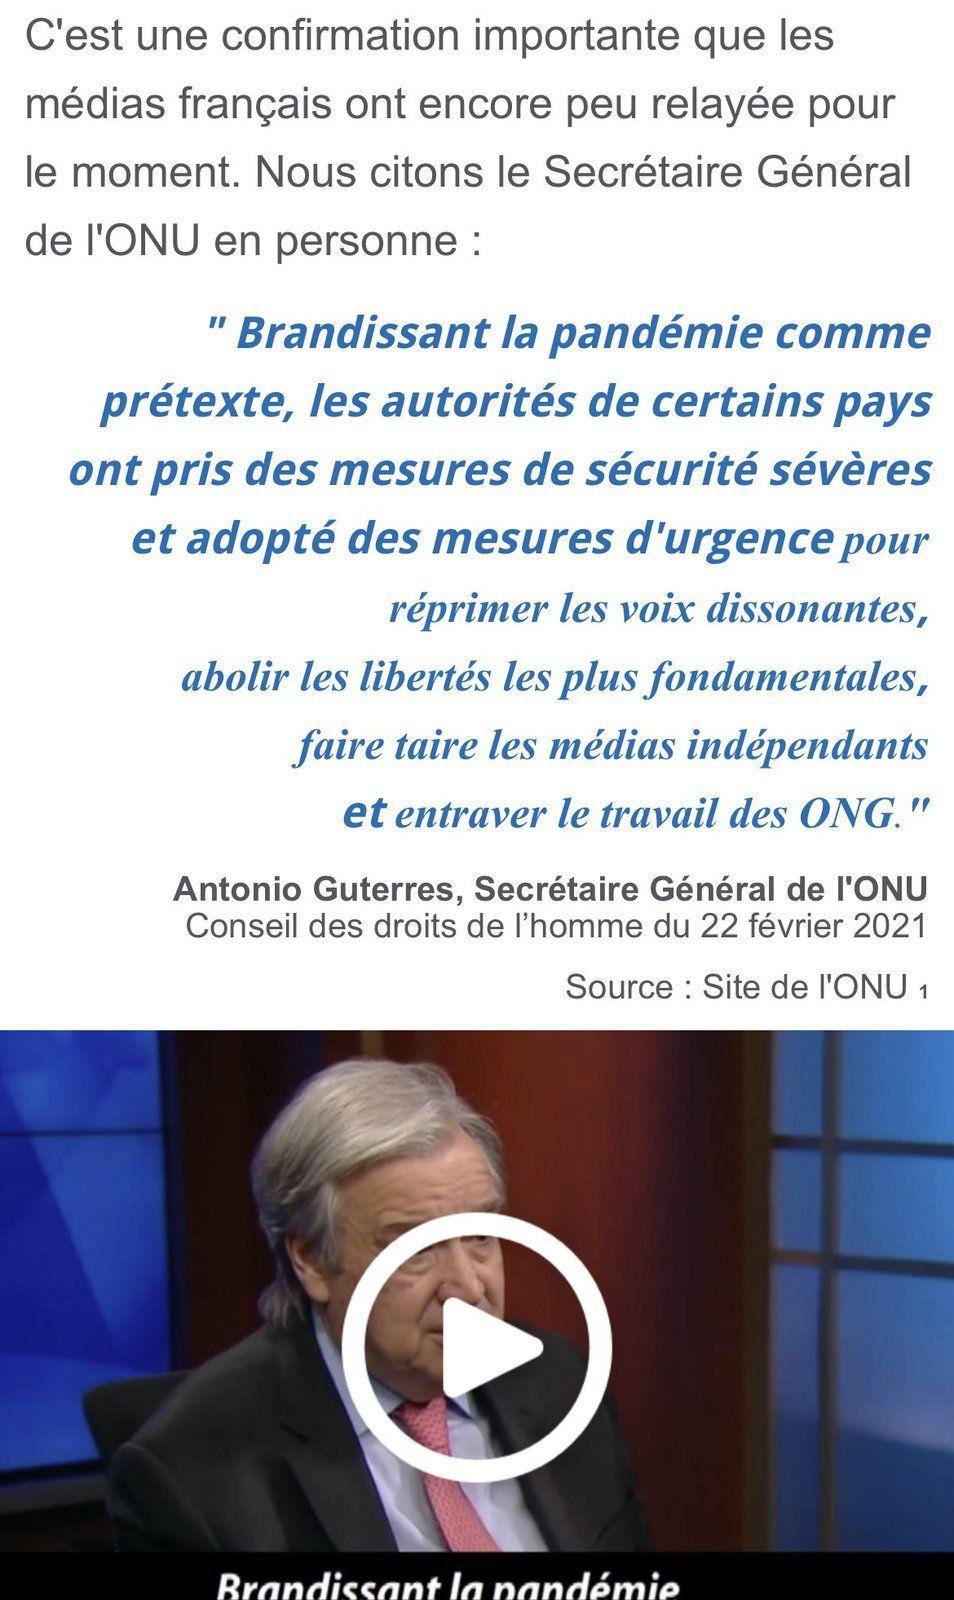 """António Guterres, Secrétaire général de l'ONU : """"Les quatre coins du globe sont touchés par des violations des droits humains"""". La pandémie est utilisée pour prendre """"des mesures de sécurité sévères"""", """"réprimer les voies dissonantes, abolir les libertés les plus fondamentales"""""""